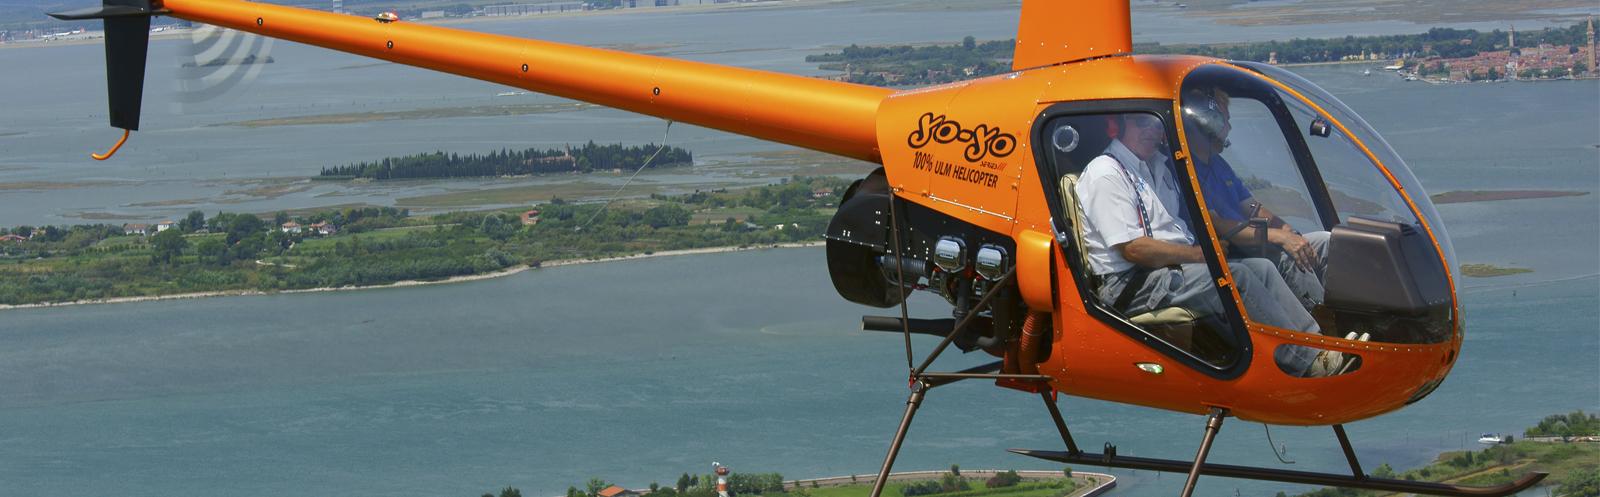 YoYo Helikopter